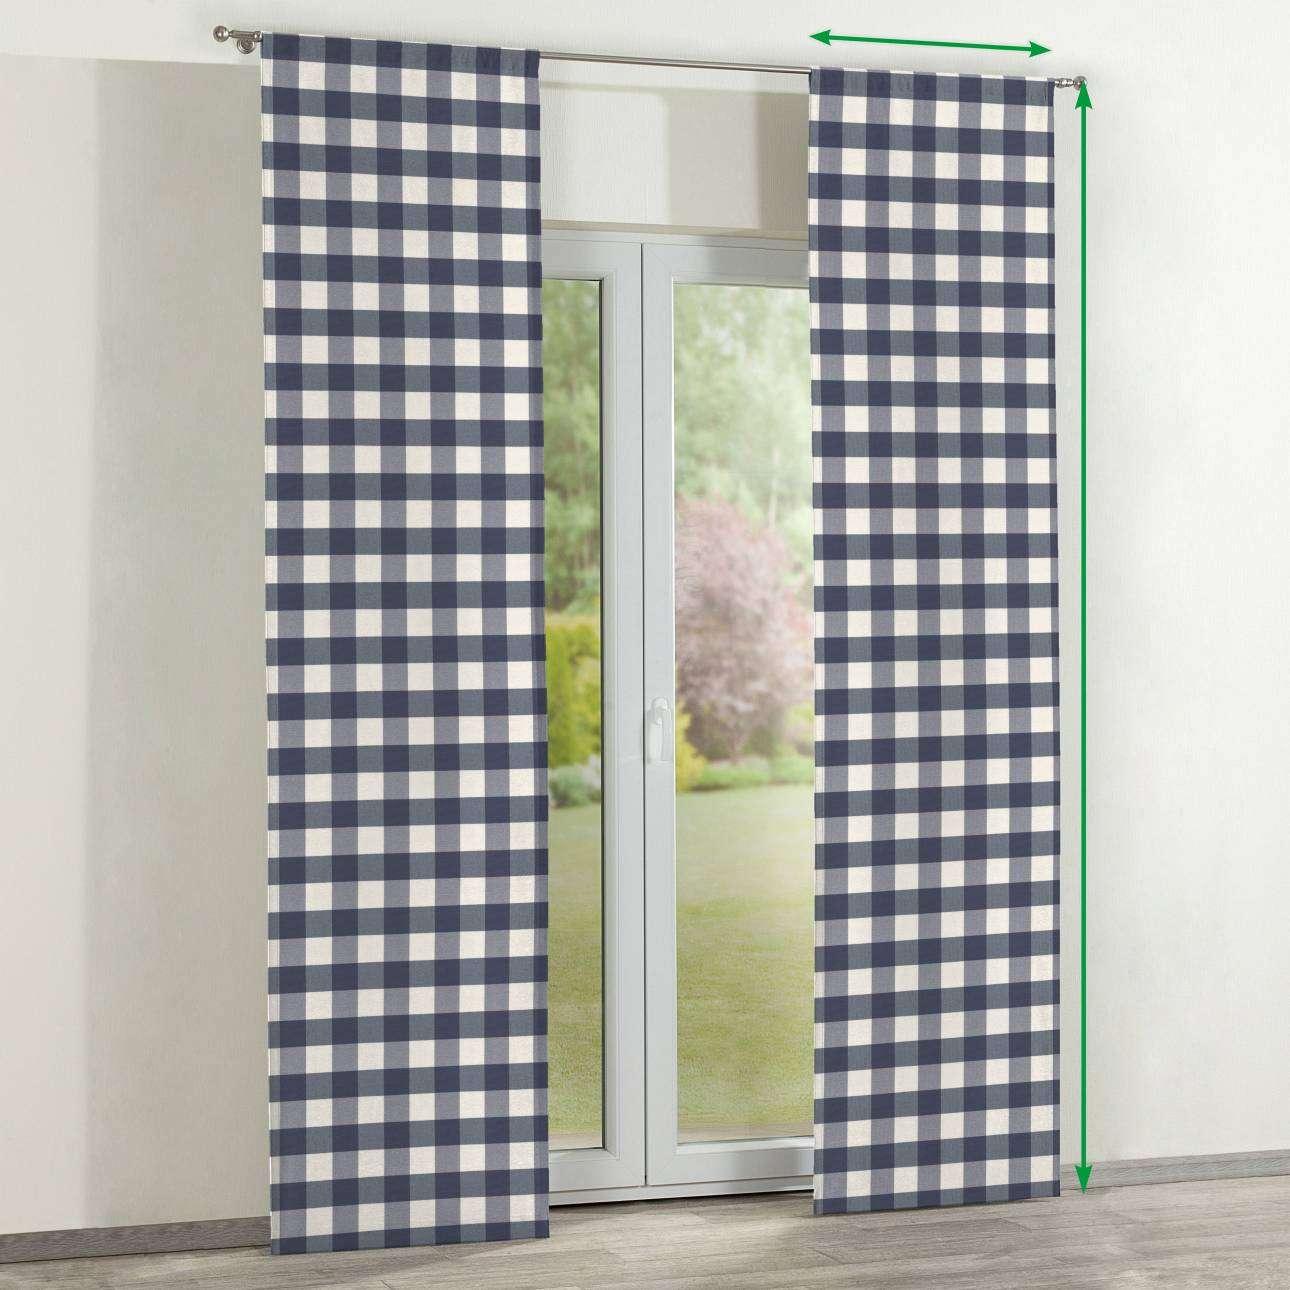 Zasłony panelowe 2 szt. w kolekcji Quadro, tkanina: 136-03